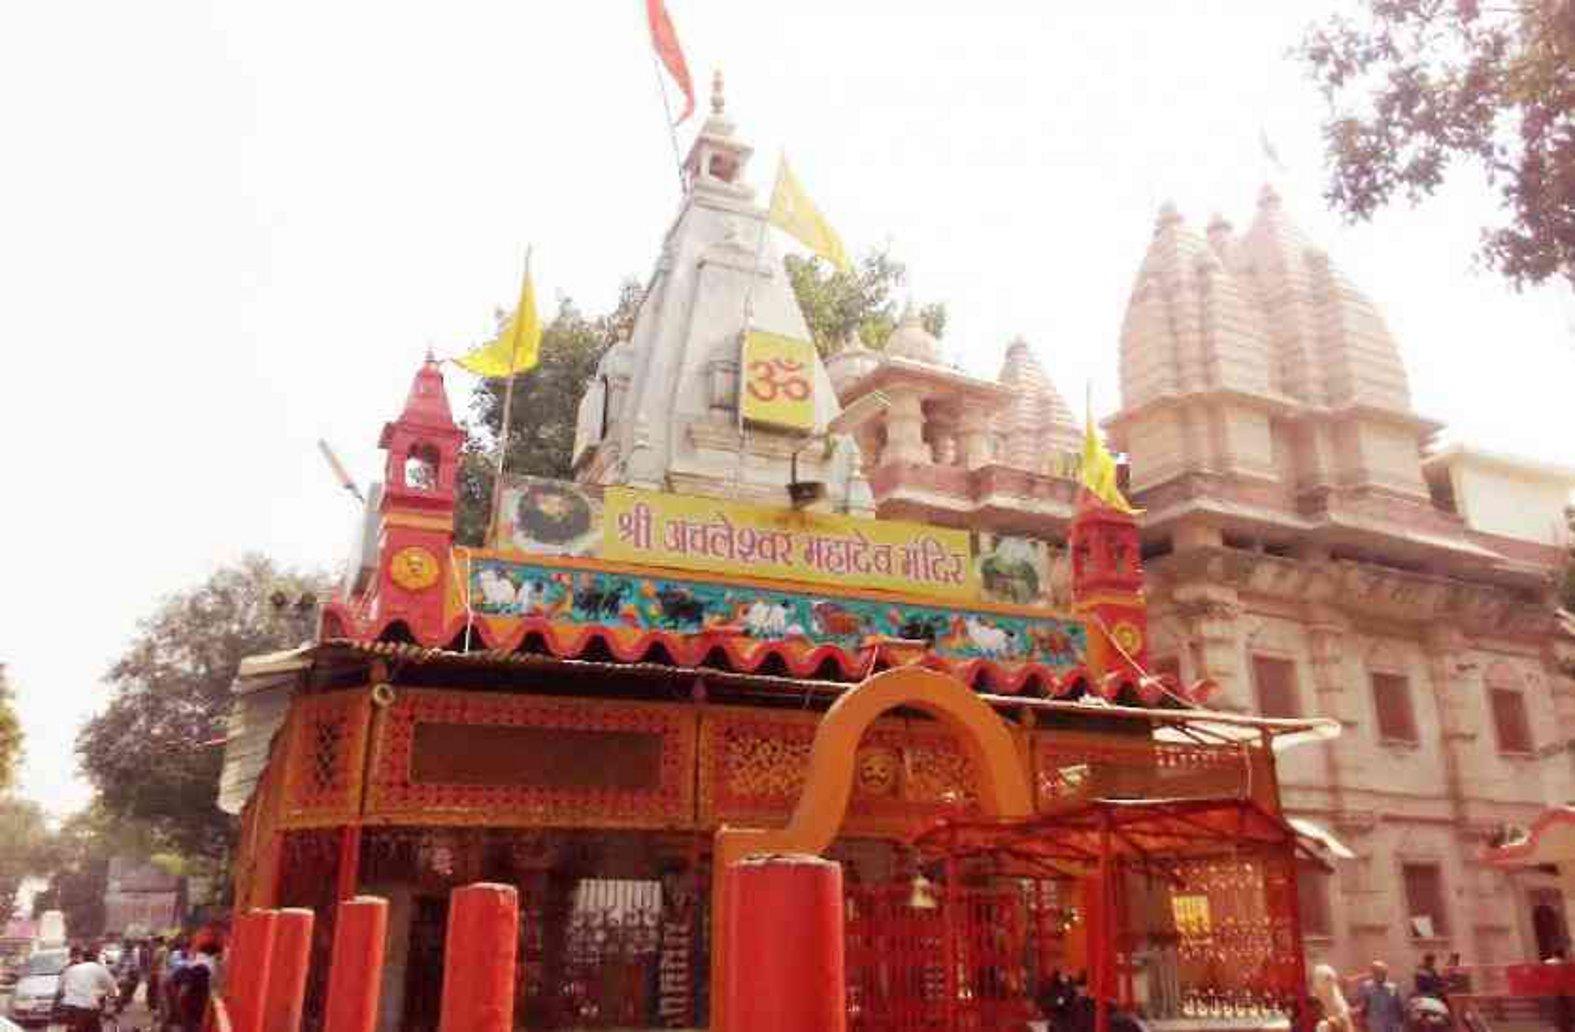 अचलेश्वर महादेव मंदिर के पुनर्निर्माण में अनियमितताओं के विरोध में हाईकोर्ट में याचिका